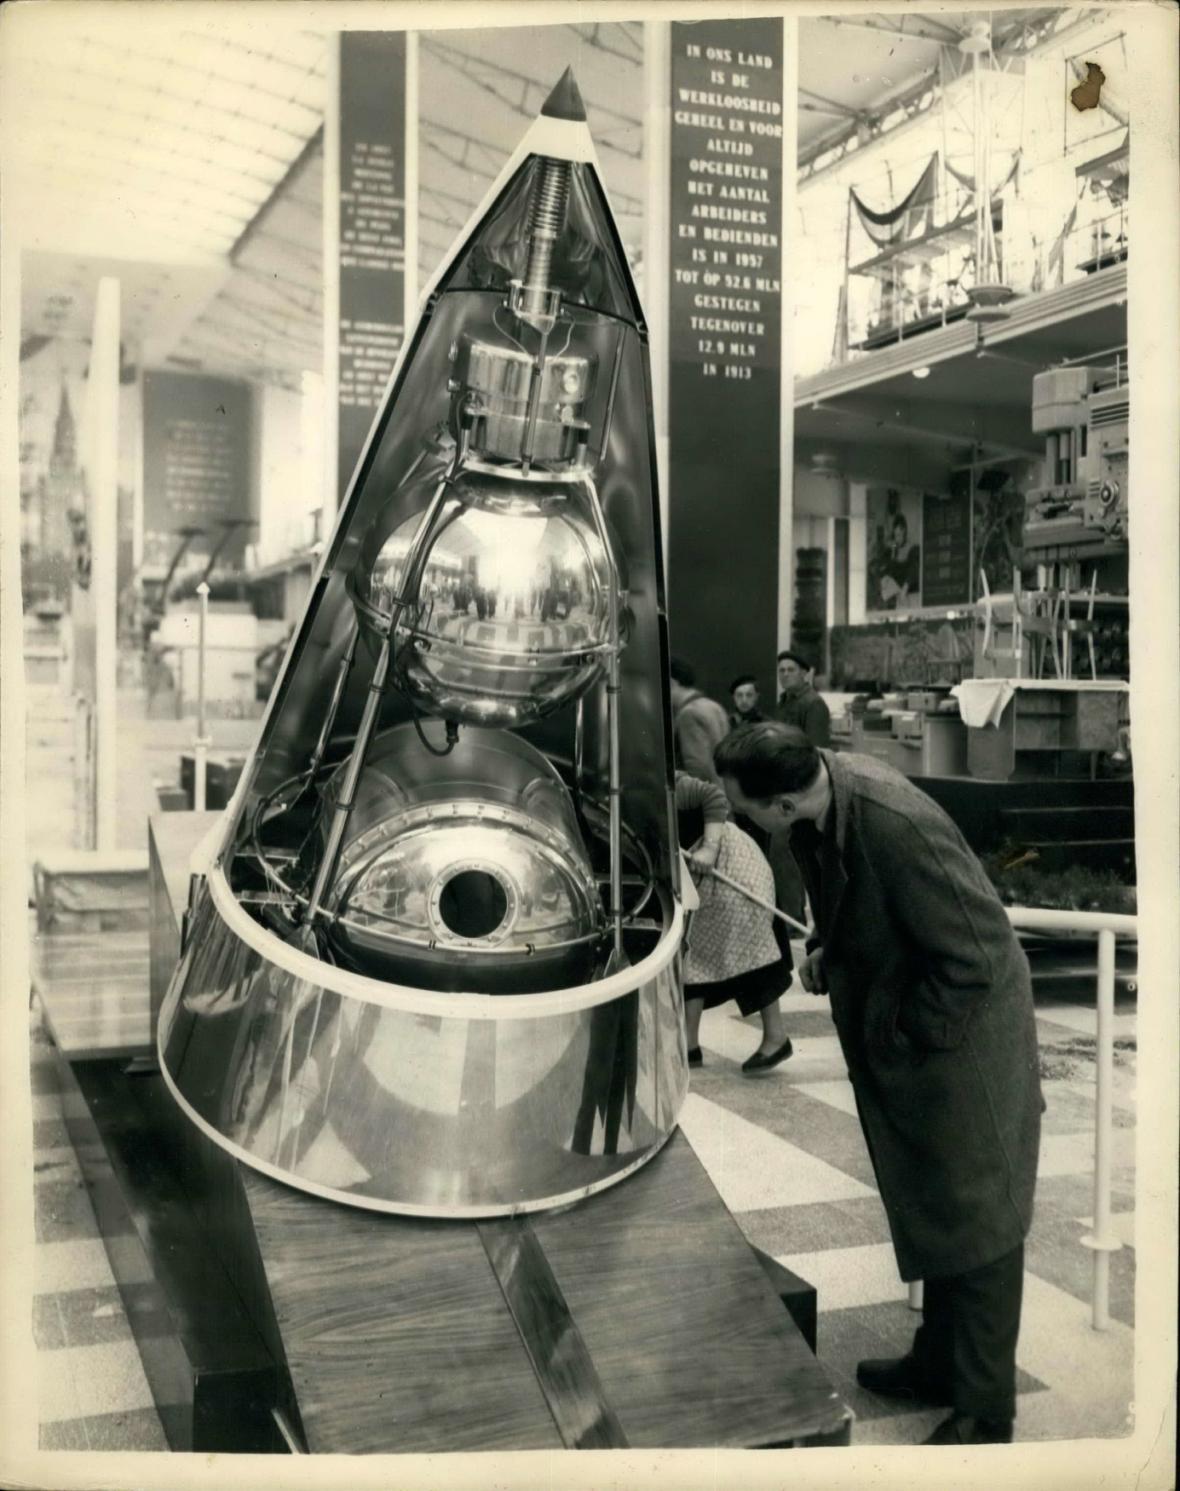 Sovětská vesmírná družice Sputnik 2